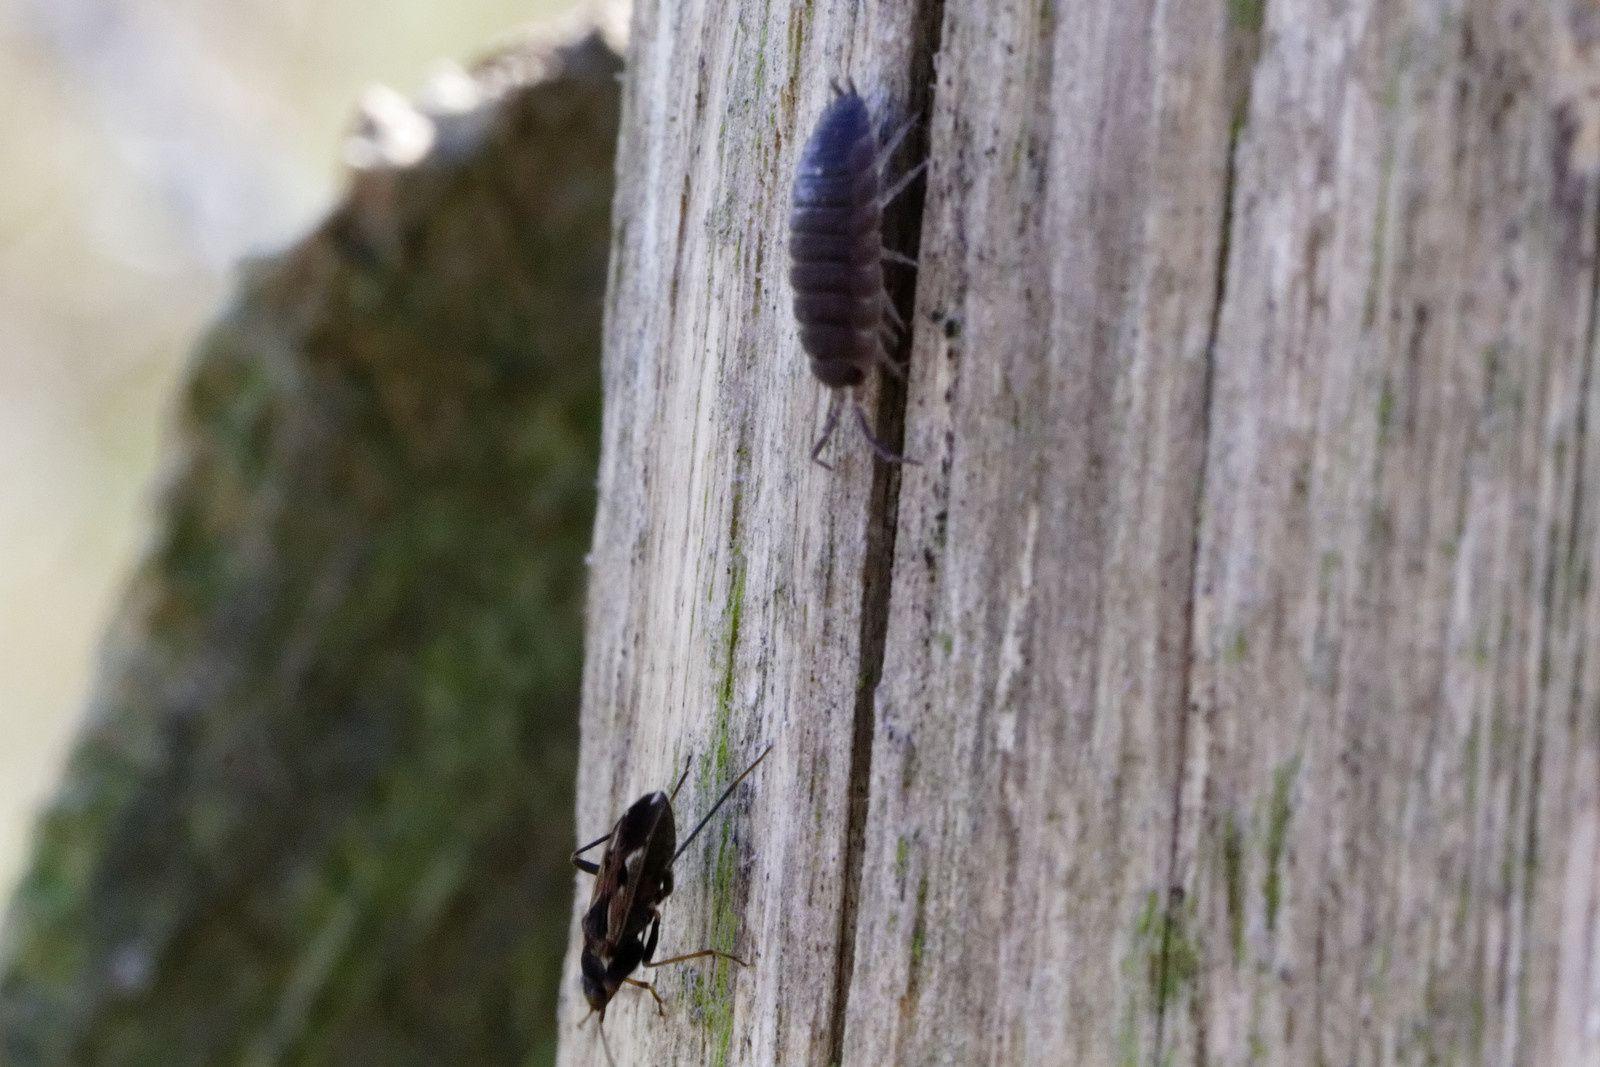 Ryparochromus vulgaris, apparition d'un Cloporte agressif (étonnant ?)...